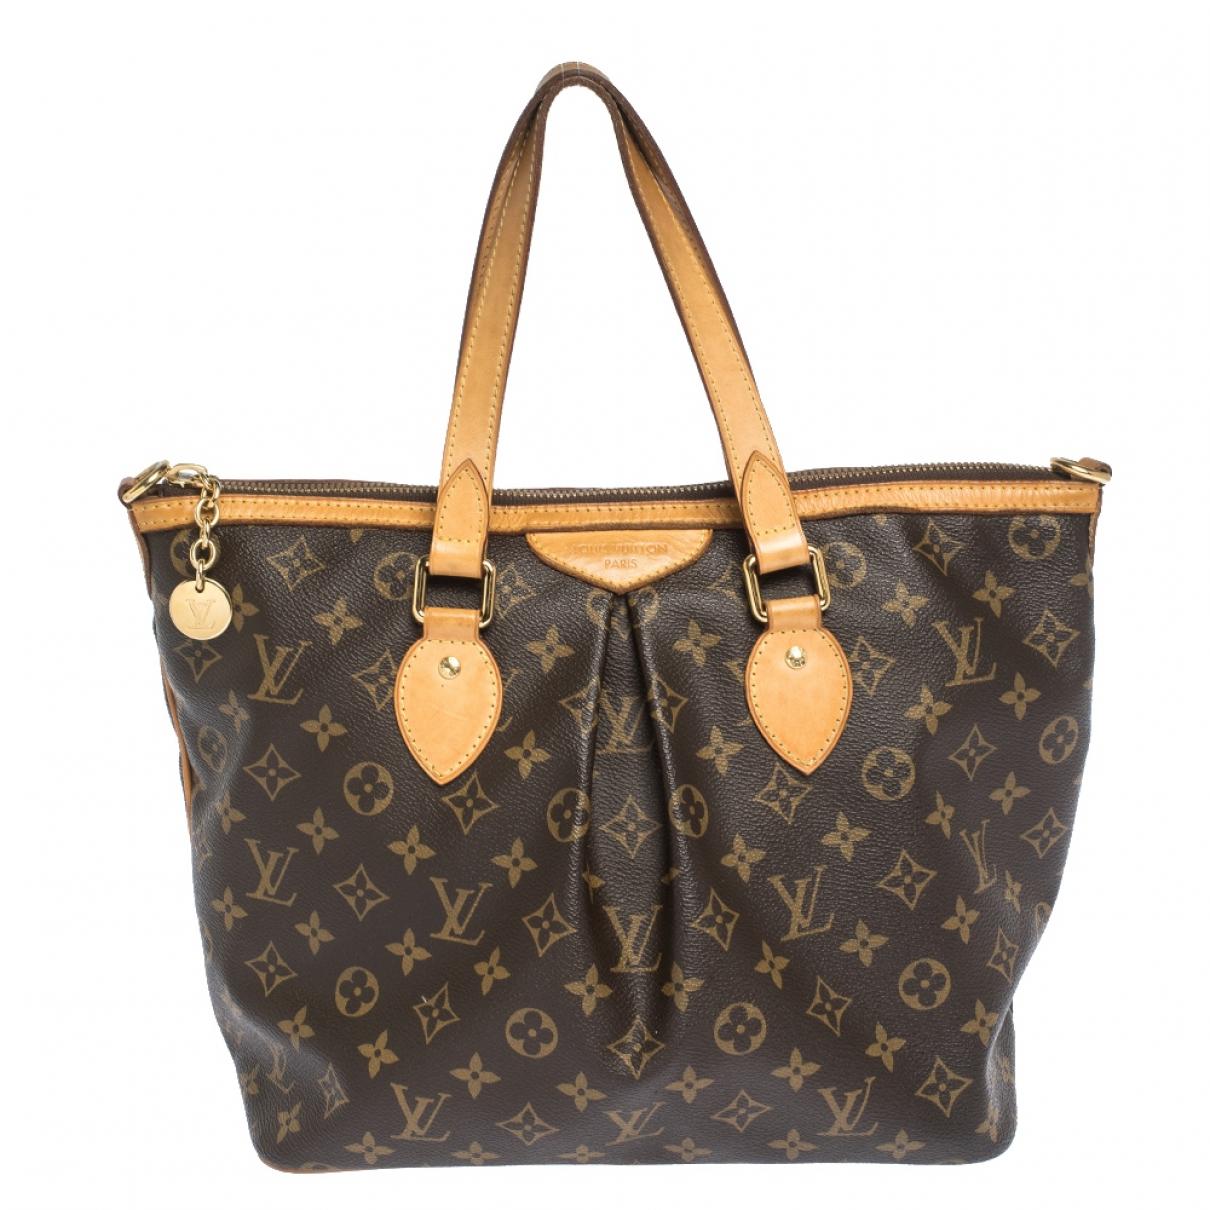 Louis Vuitton - Sac a main Palermo pour femme en cuir - marron